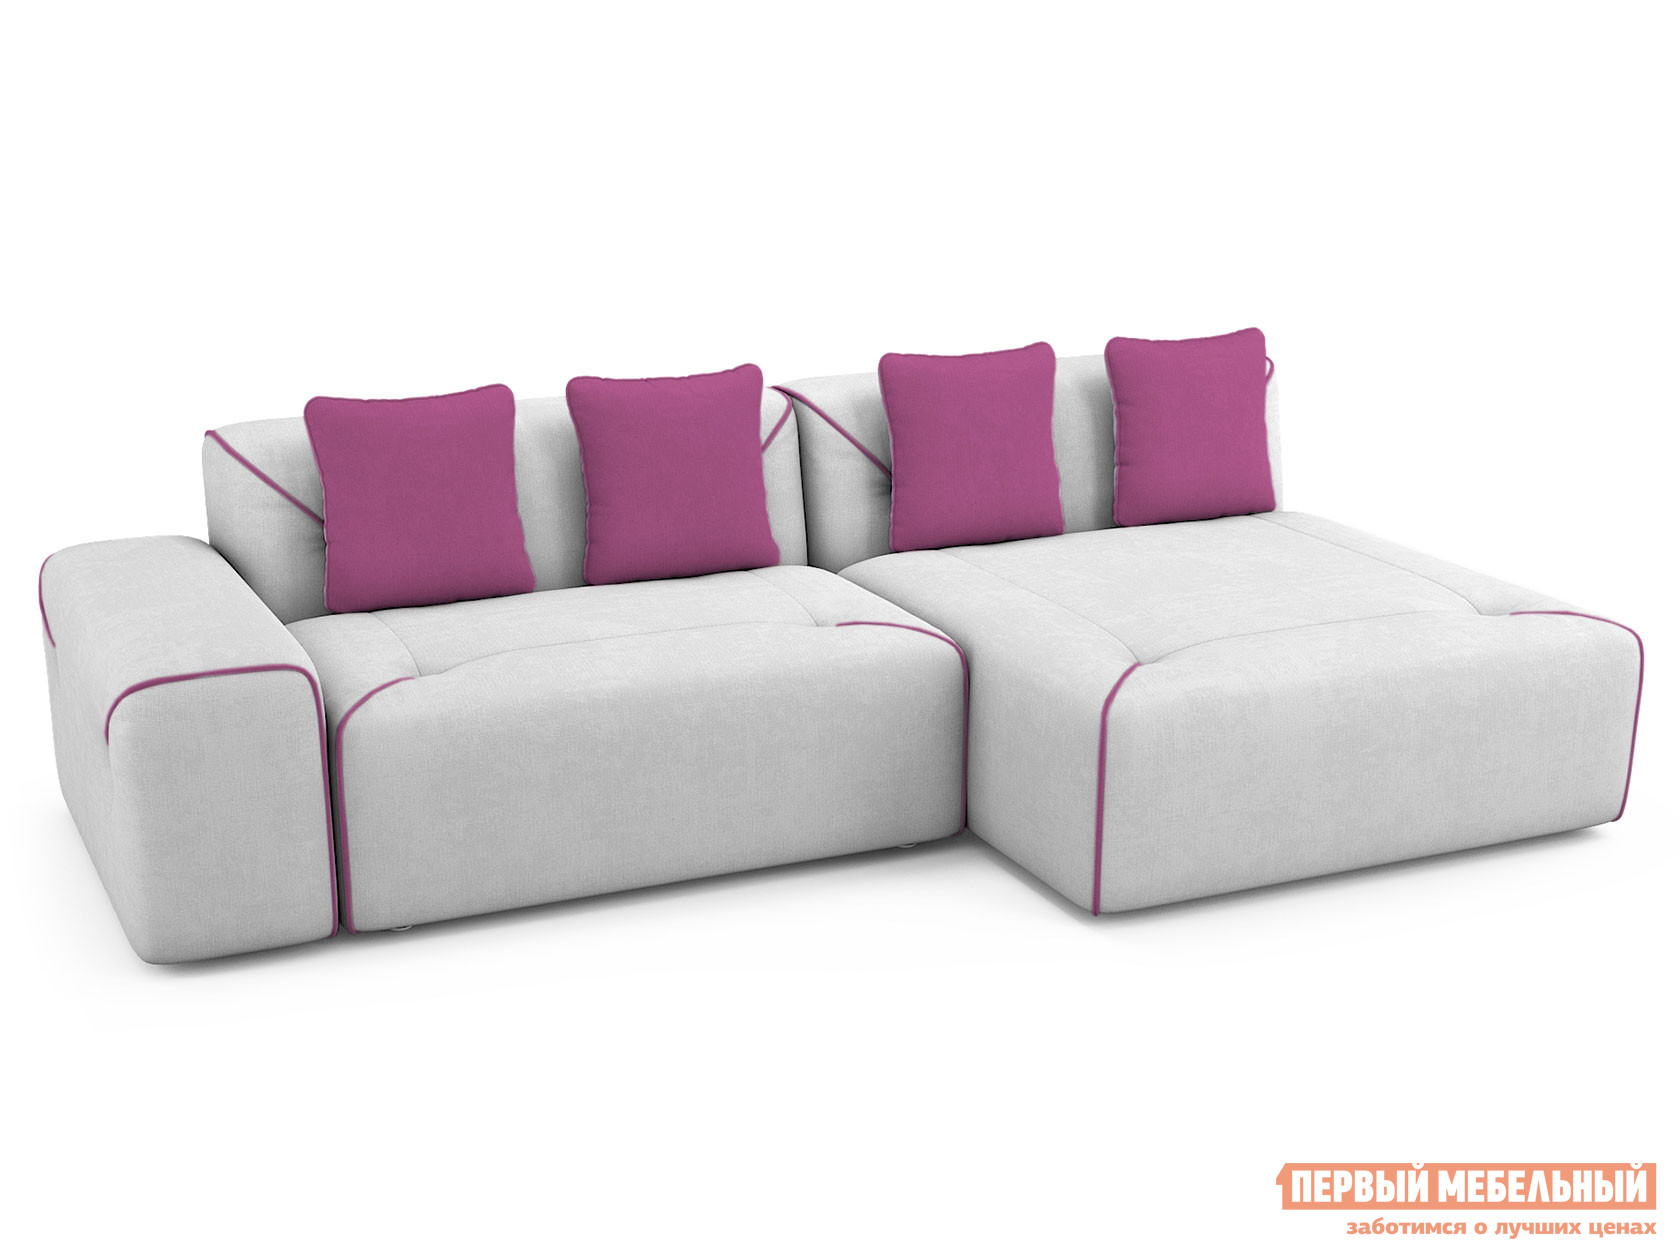 Угловой диван Первый Мебельный Угловой диван Кливленд У